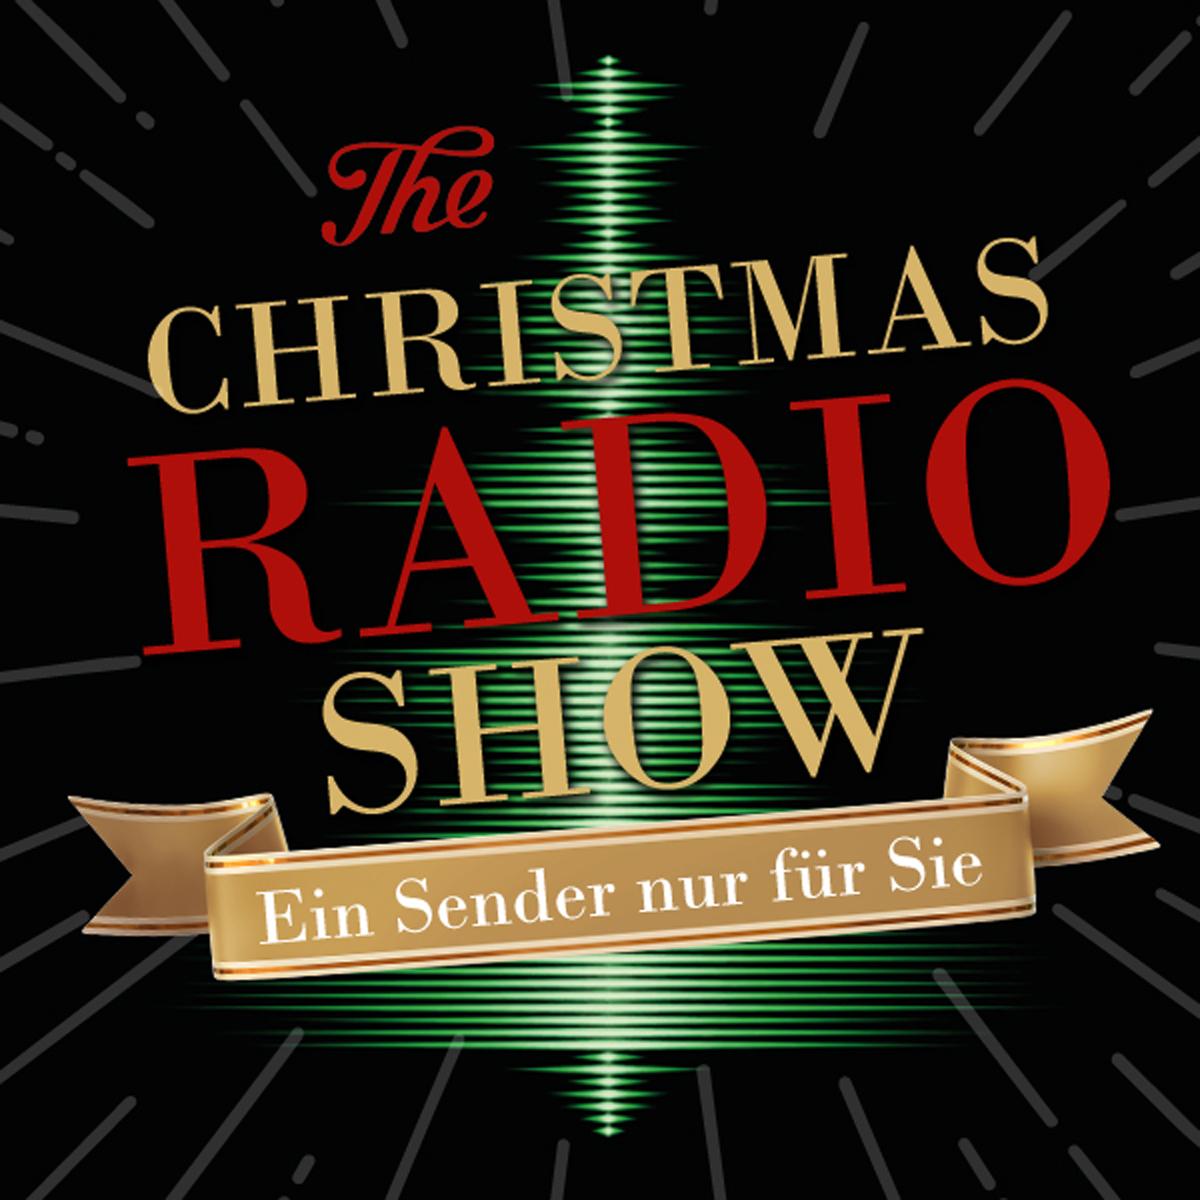 The Christmas Radio Show